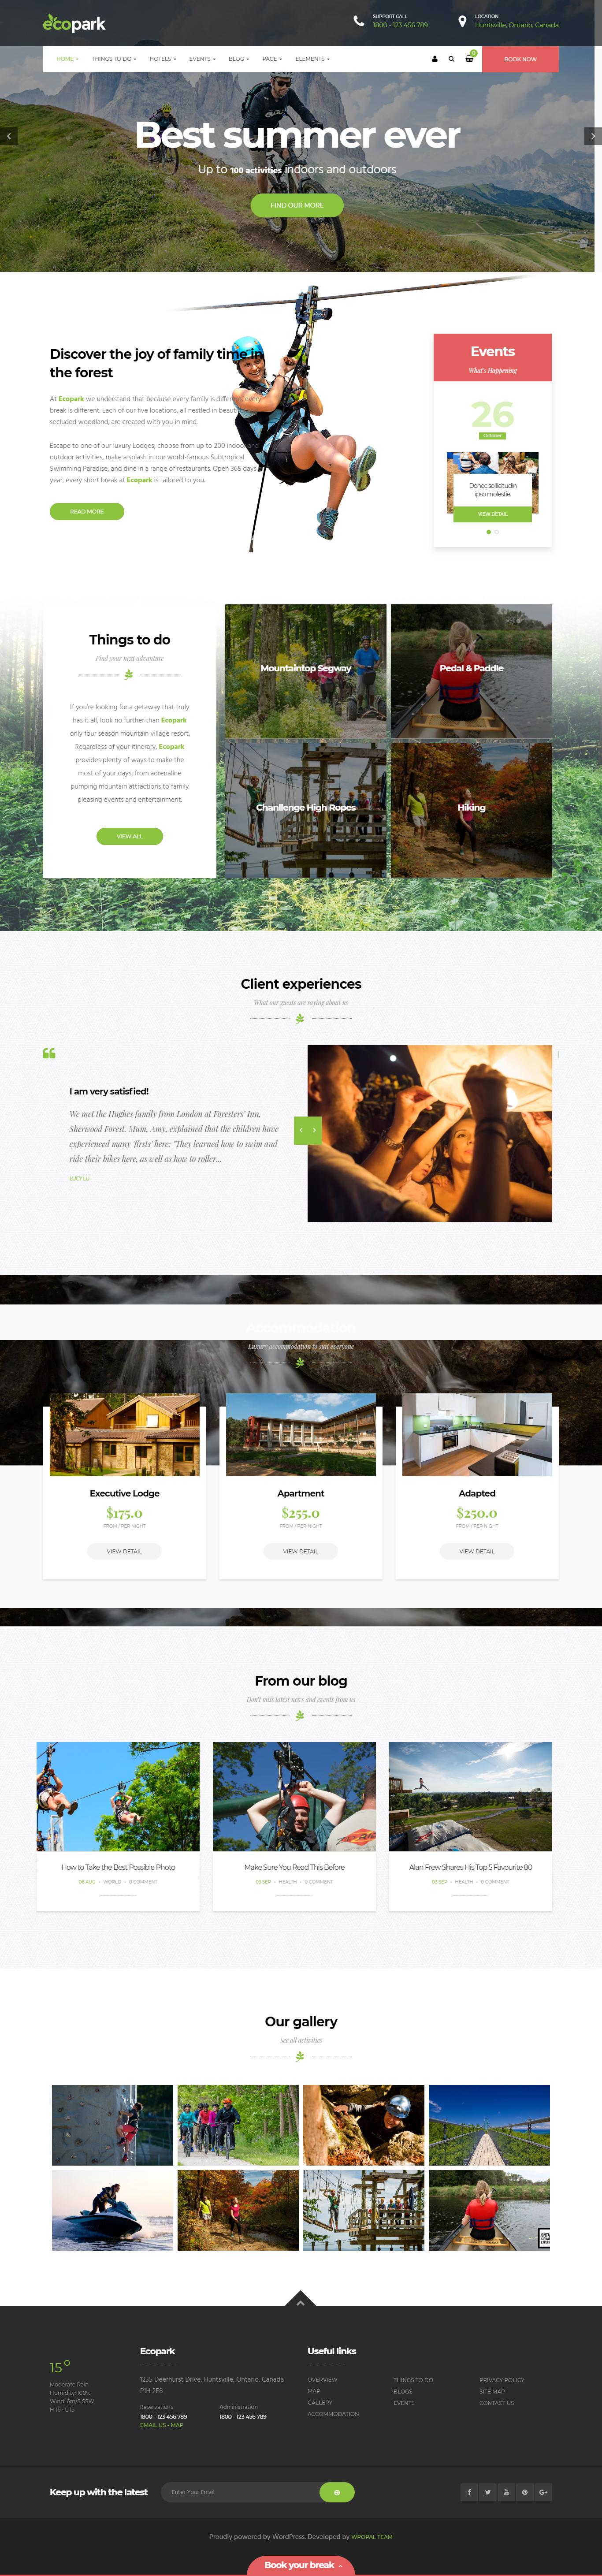 ecopark best premium outdoor activities wordpress theme - 10+ Best Premium Outdoor Activities WordPress Themes